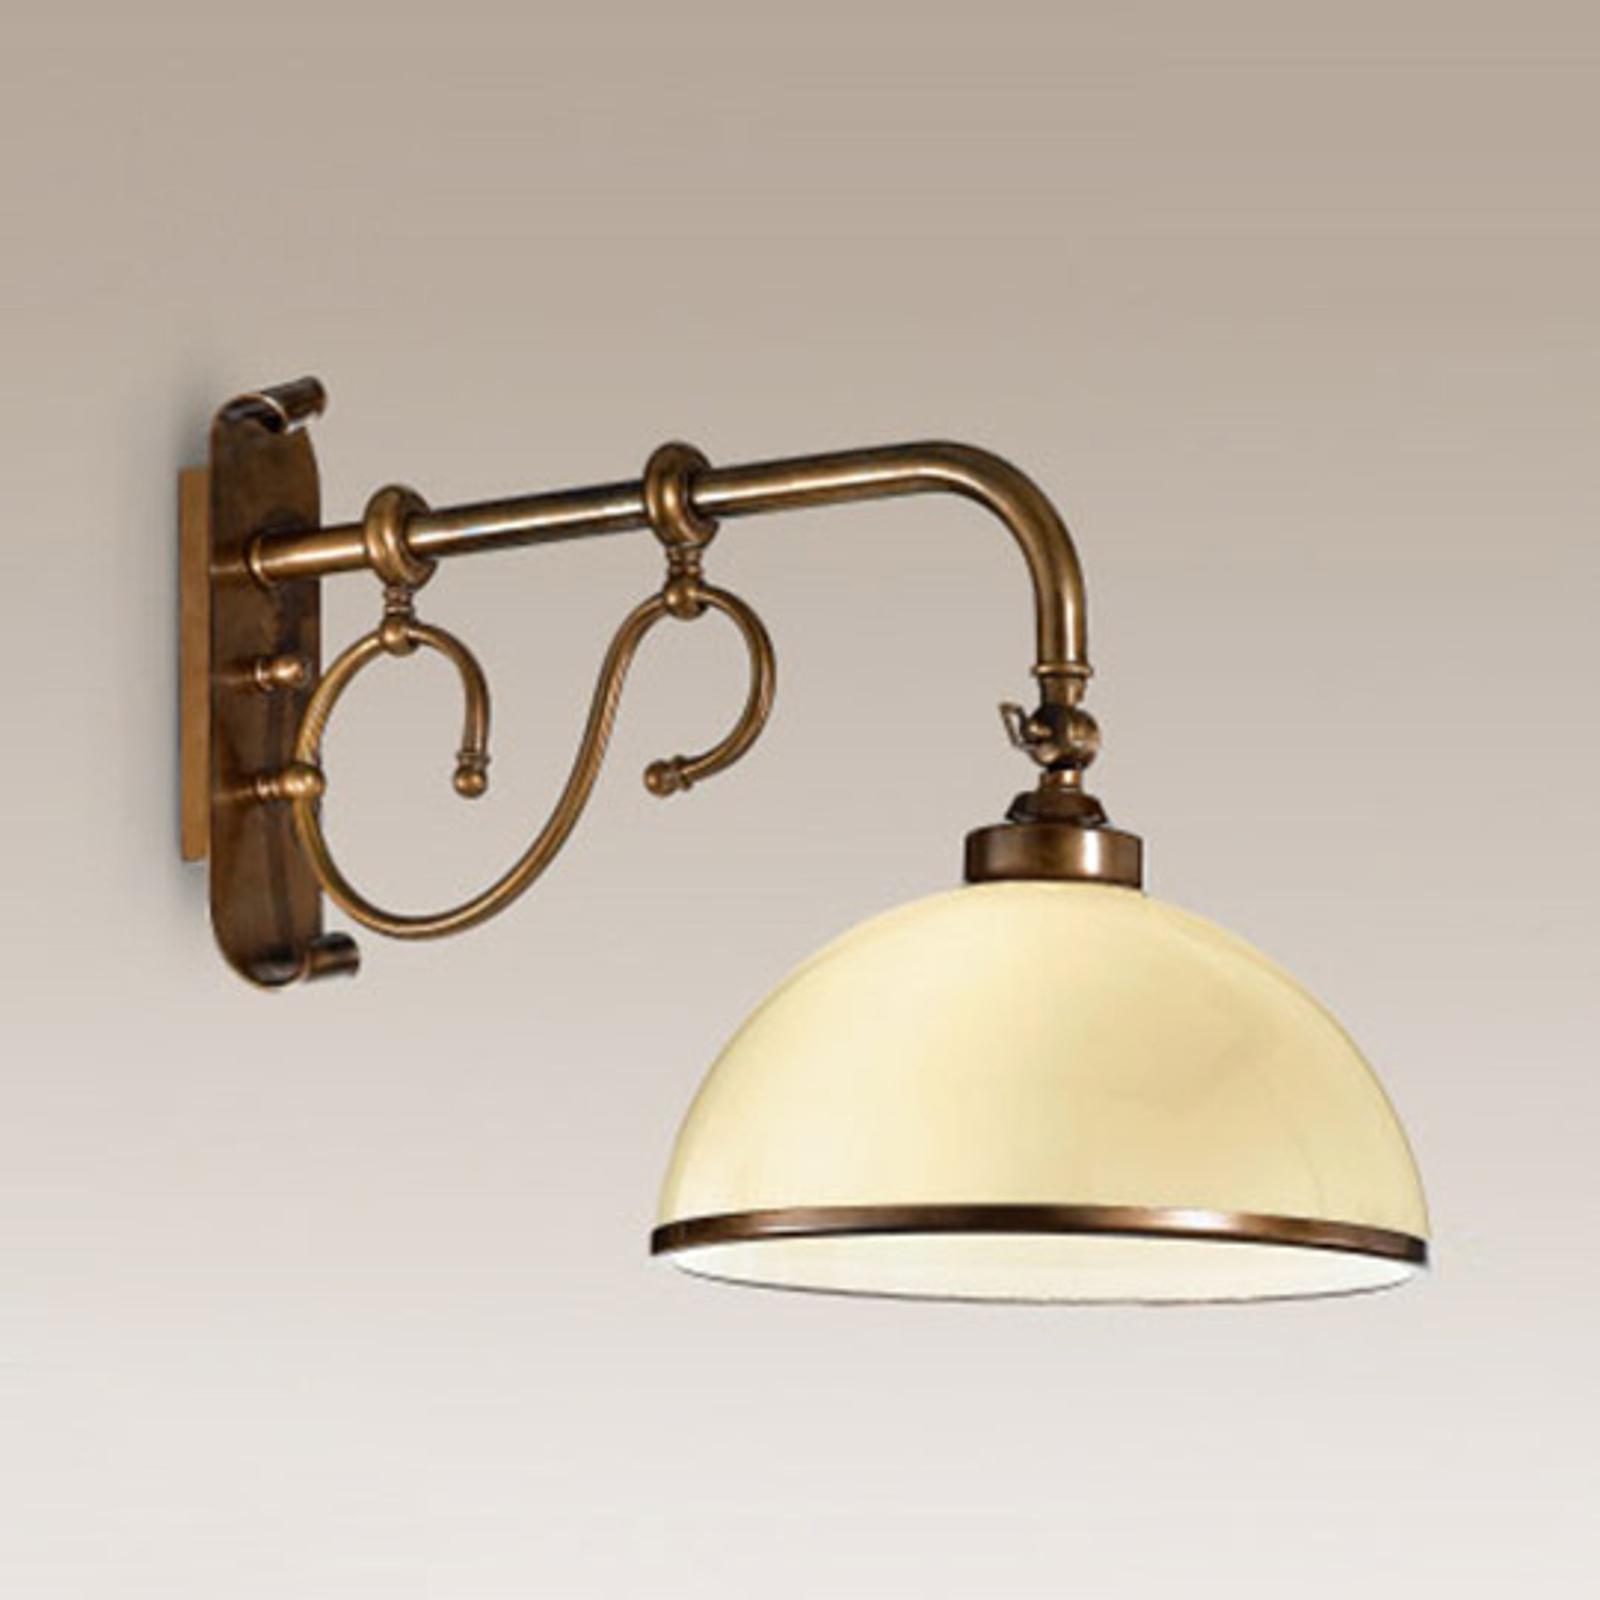 Artistieke wandlamp La Botte ivoor